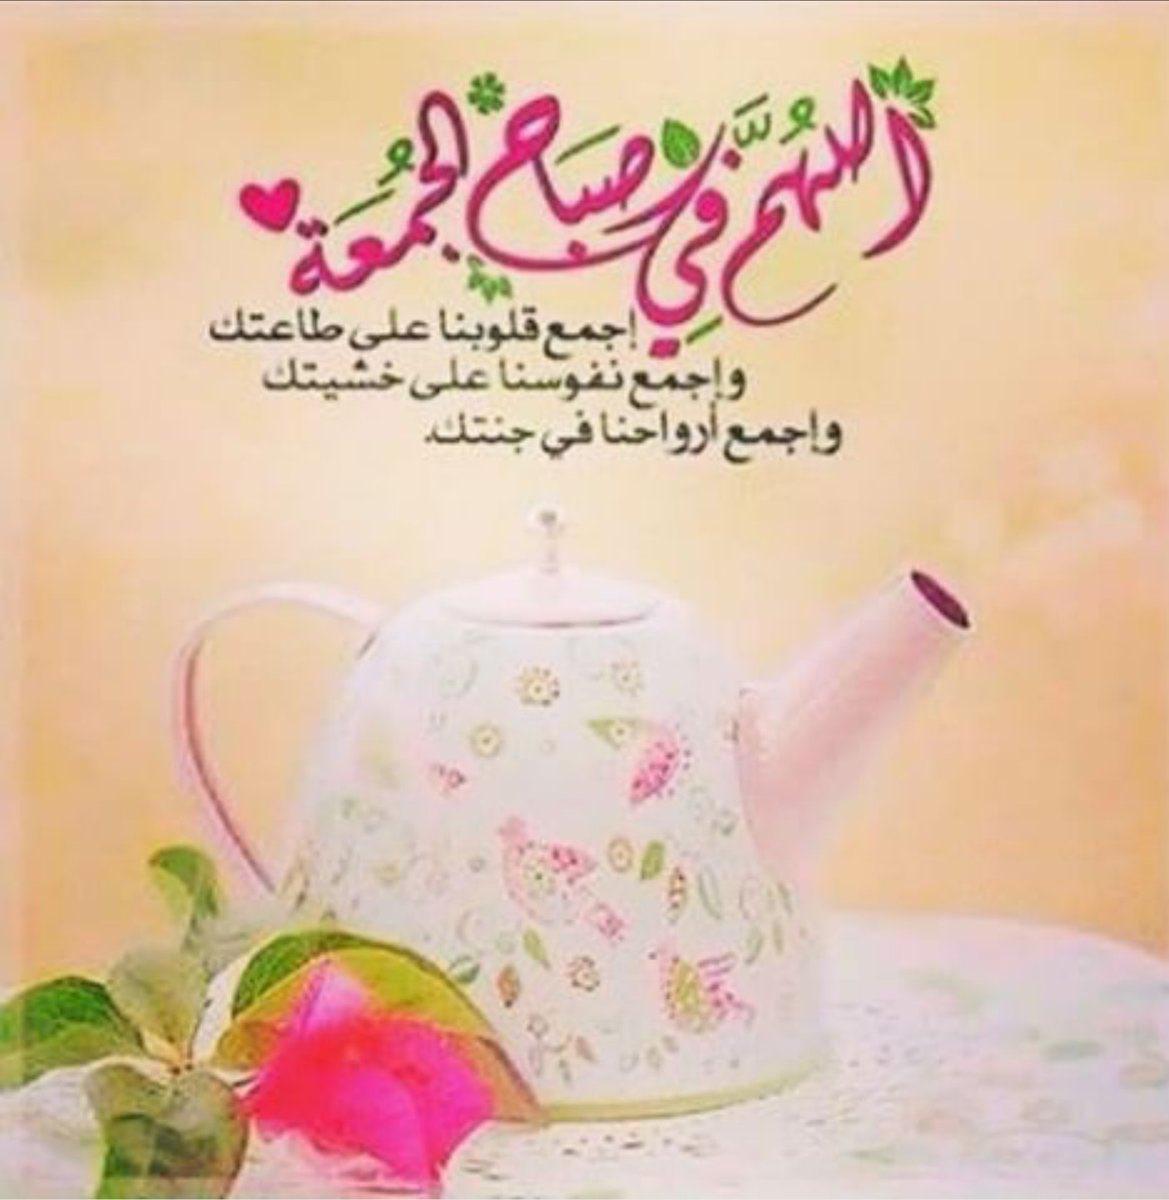 بالصور رسائل يوم الجمعة جديدة , اجمل الرسائل لجمعه مباركه unnamed file 344